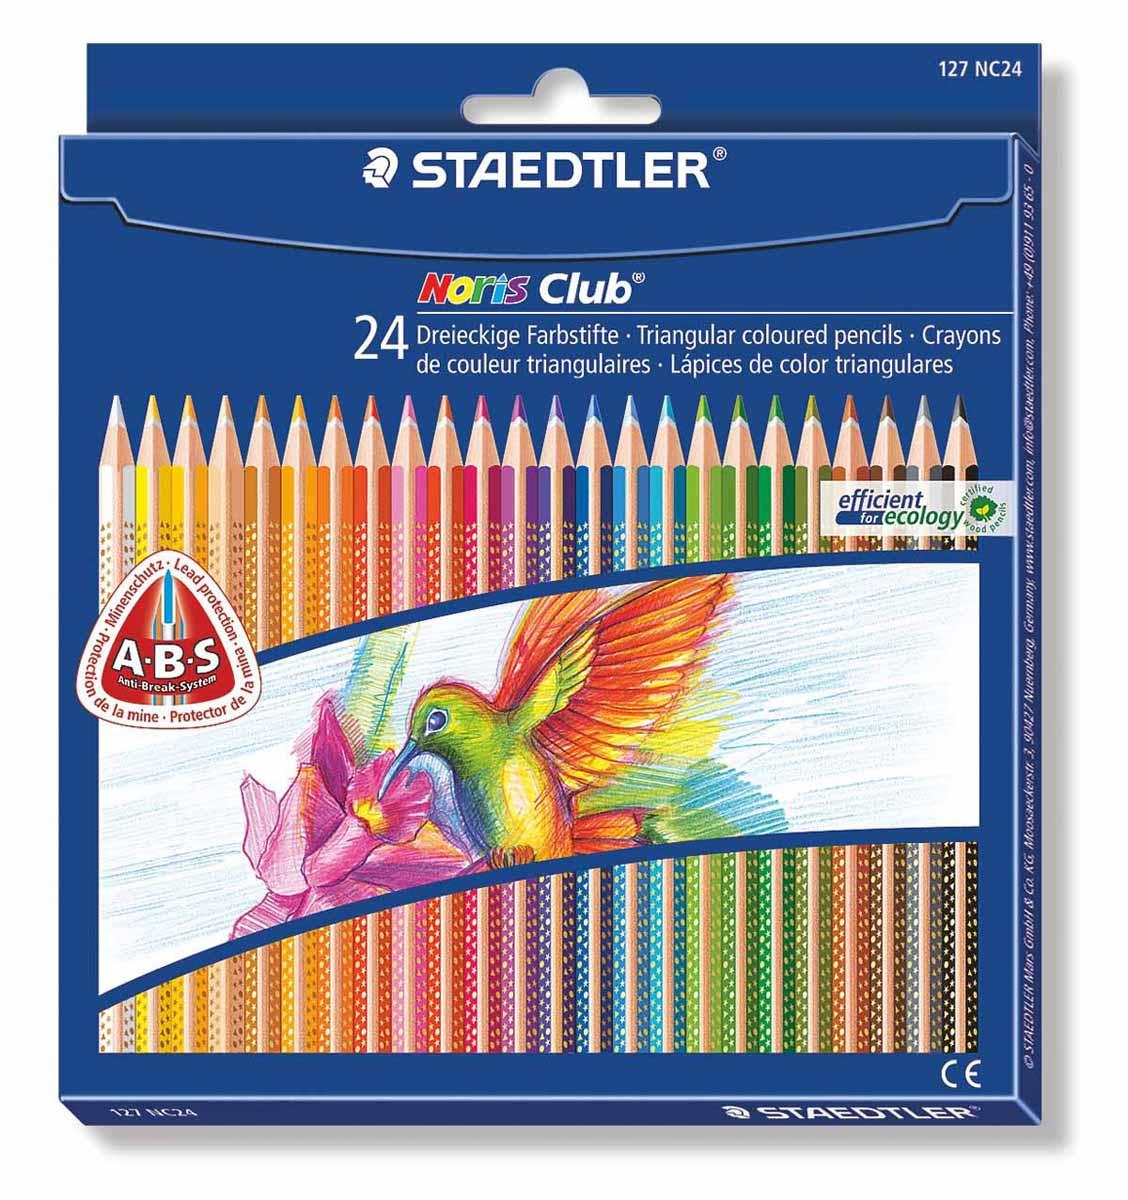 Staedtler Набор цветных карандашей Noris Club 24 цвета127NC24Цветные карандаши Staedtler Noris Club обладают трехгранной формой. Разработанные специально для детей, они имеют мягкий грифель и насыщенные цвета, а белое защитное покрытие грифеля (А·B·S) делает его более устойчивым к повреждению. С цветными карандашами Noris Club ваши дети будут создавать яркие и запоминающиеся рисунки. В наборе 24 карандаша.